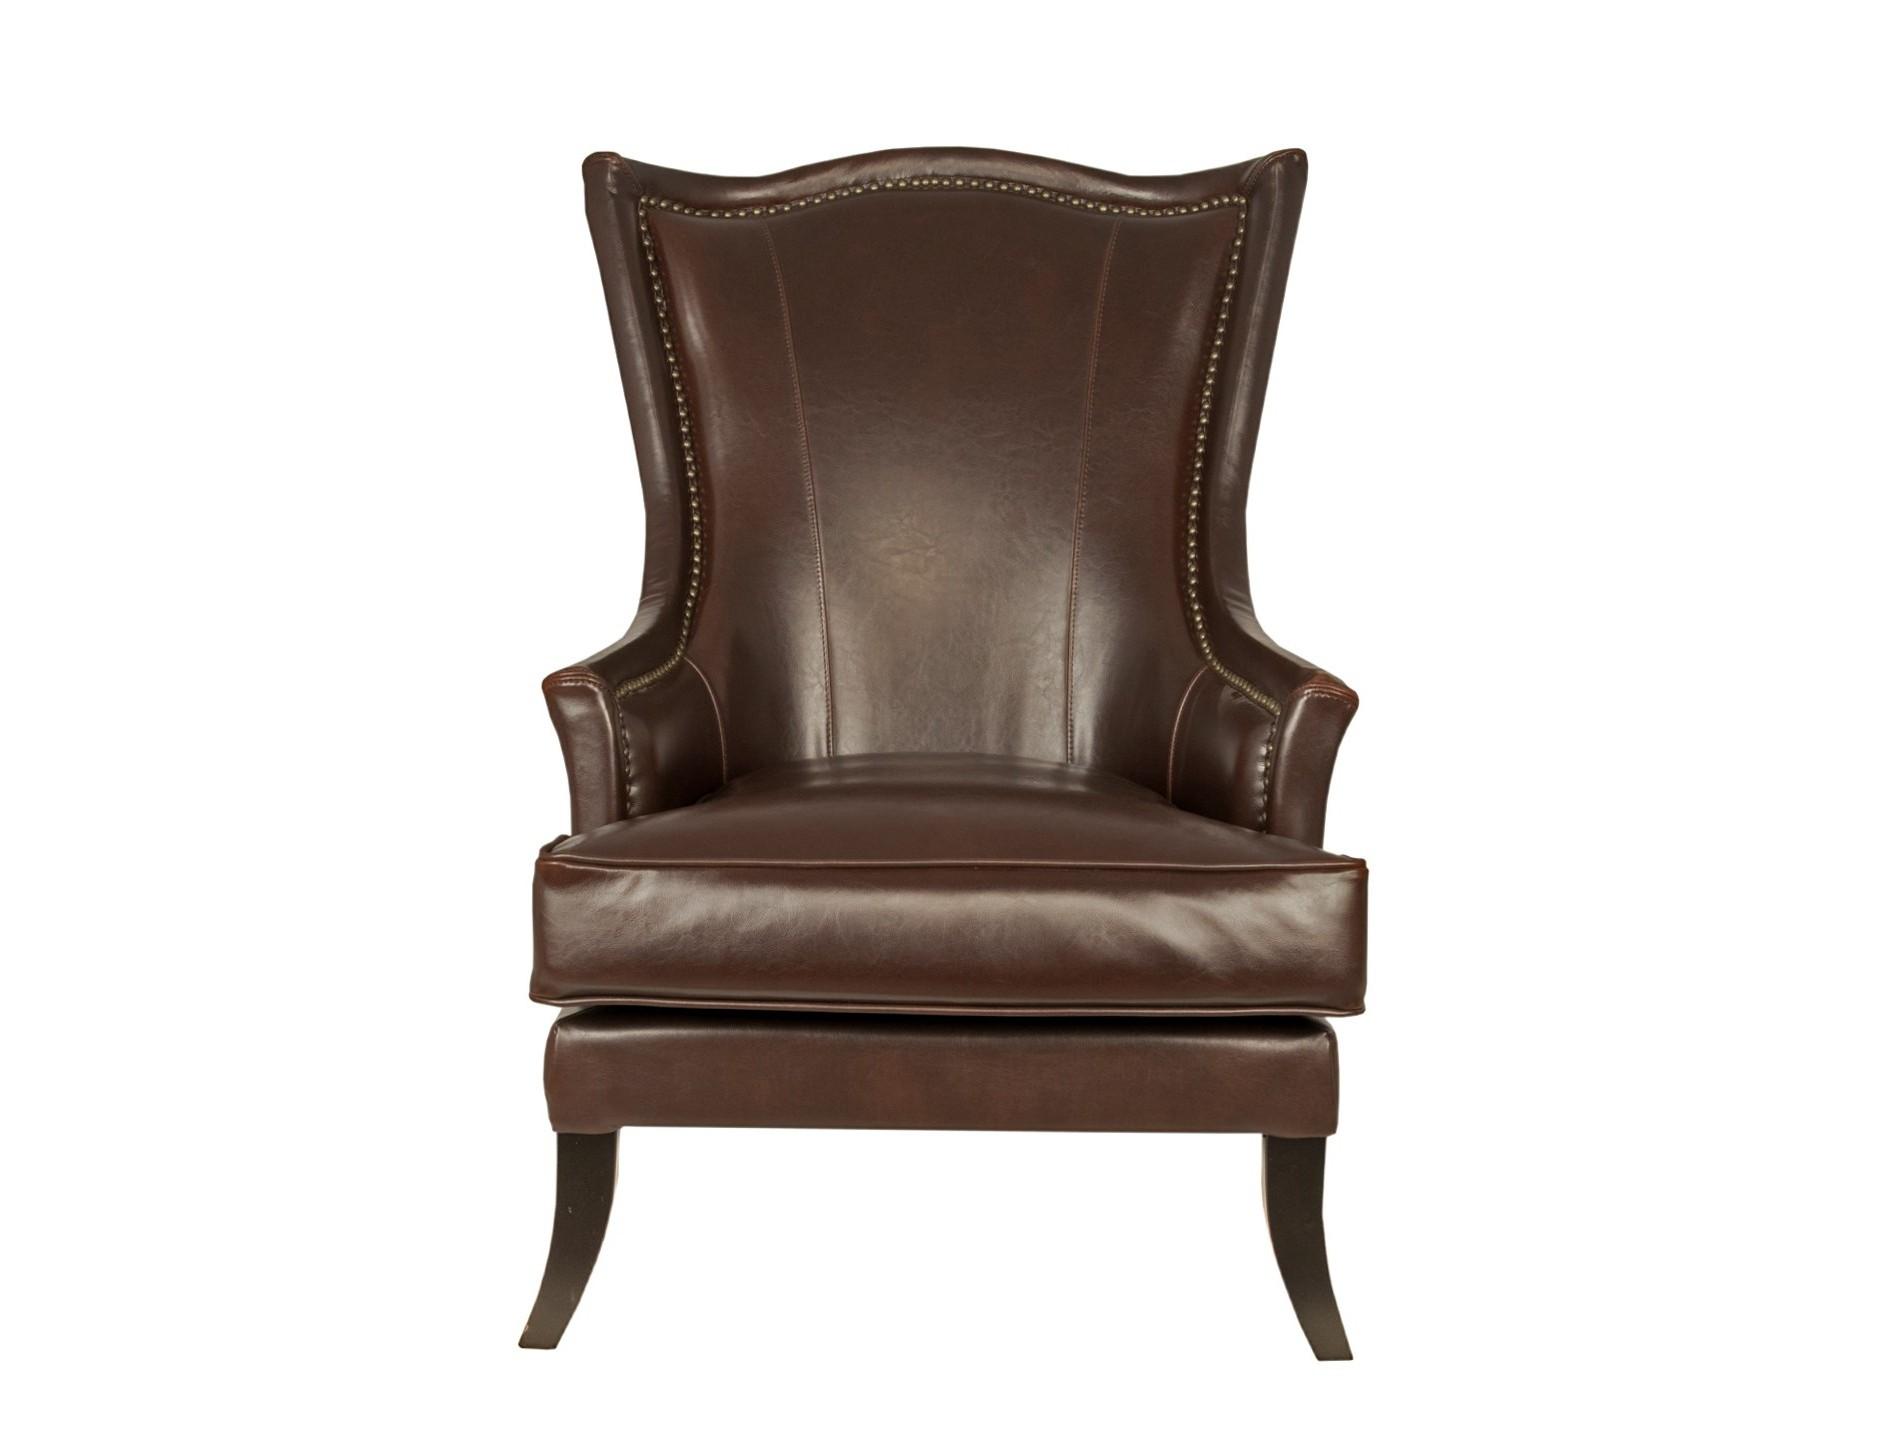 Кресло ChesterИнтерьерные кресла<br>Это необычное кожаное кресло прекрасно впишется в интерьер гостиной или кабинета. Кресло Chester воплотило в себе сдержанную элегантность и неброский шик. Высокая спинка позволяет удобно расположиться в кресле и спокойно отдохнуть.&amp;amp;nbsp;<br><br>Material: Кожа<br>Width см: 80<br>Depth см: 92<br>Height см: 112